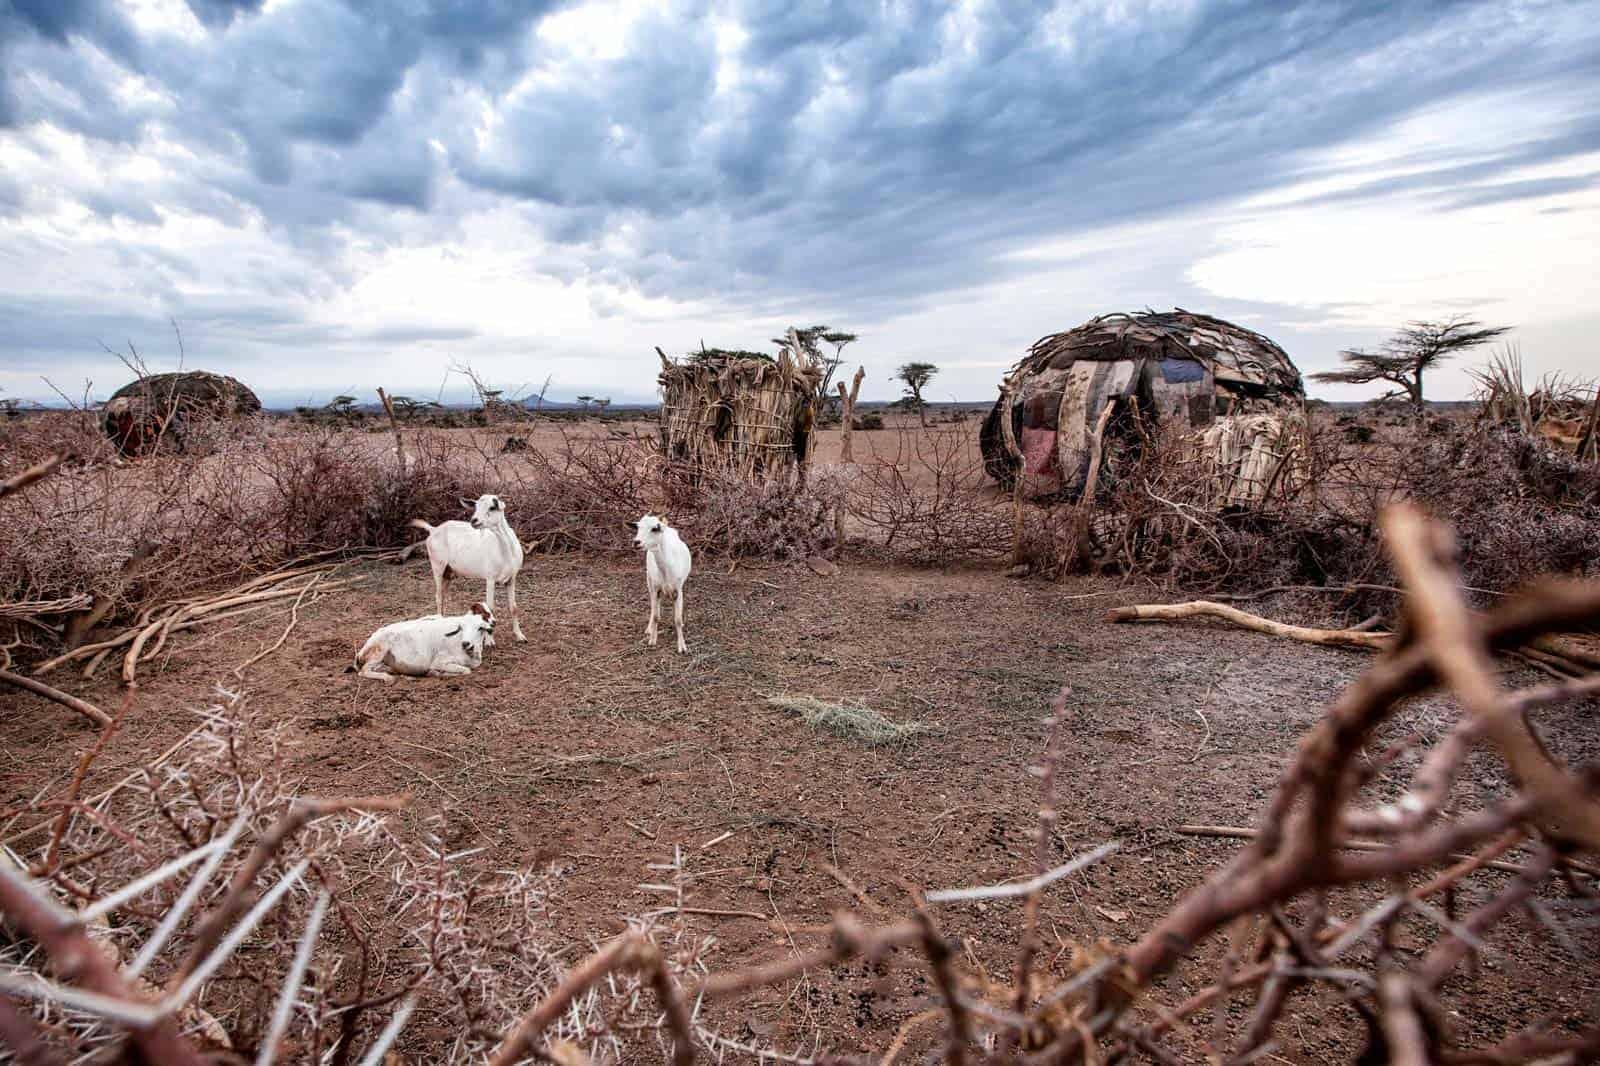 A Samburu törzs faluja, Kenya